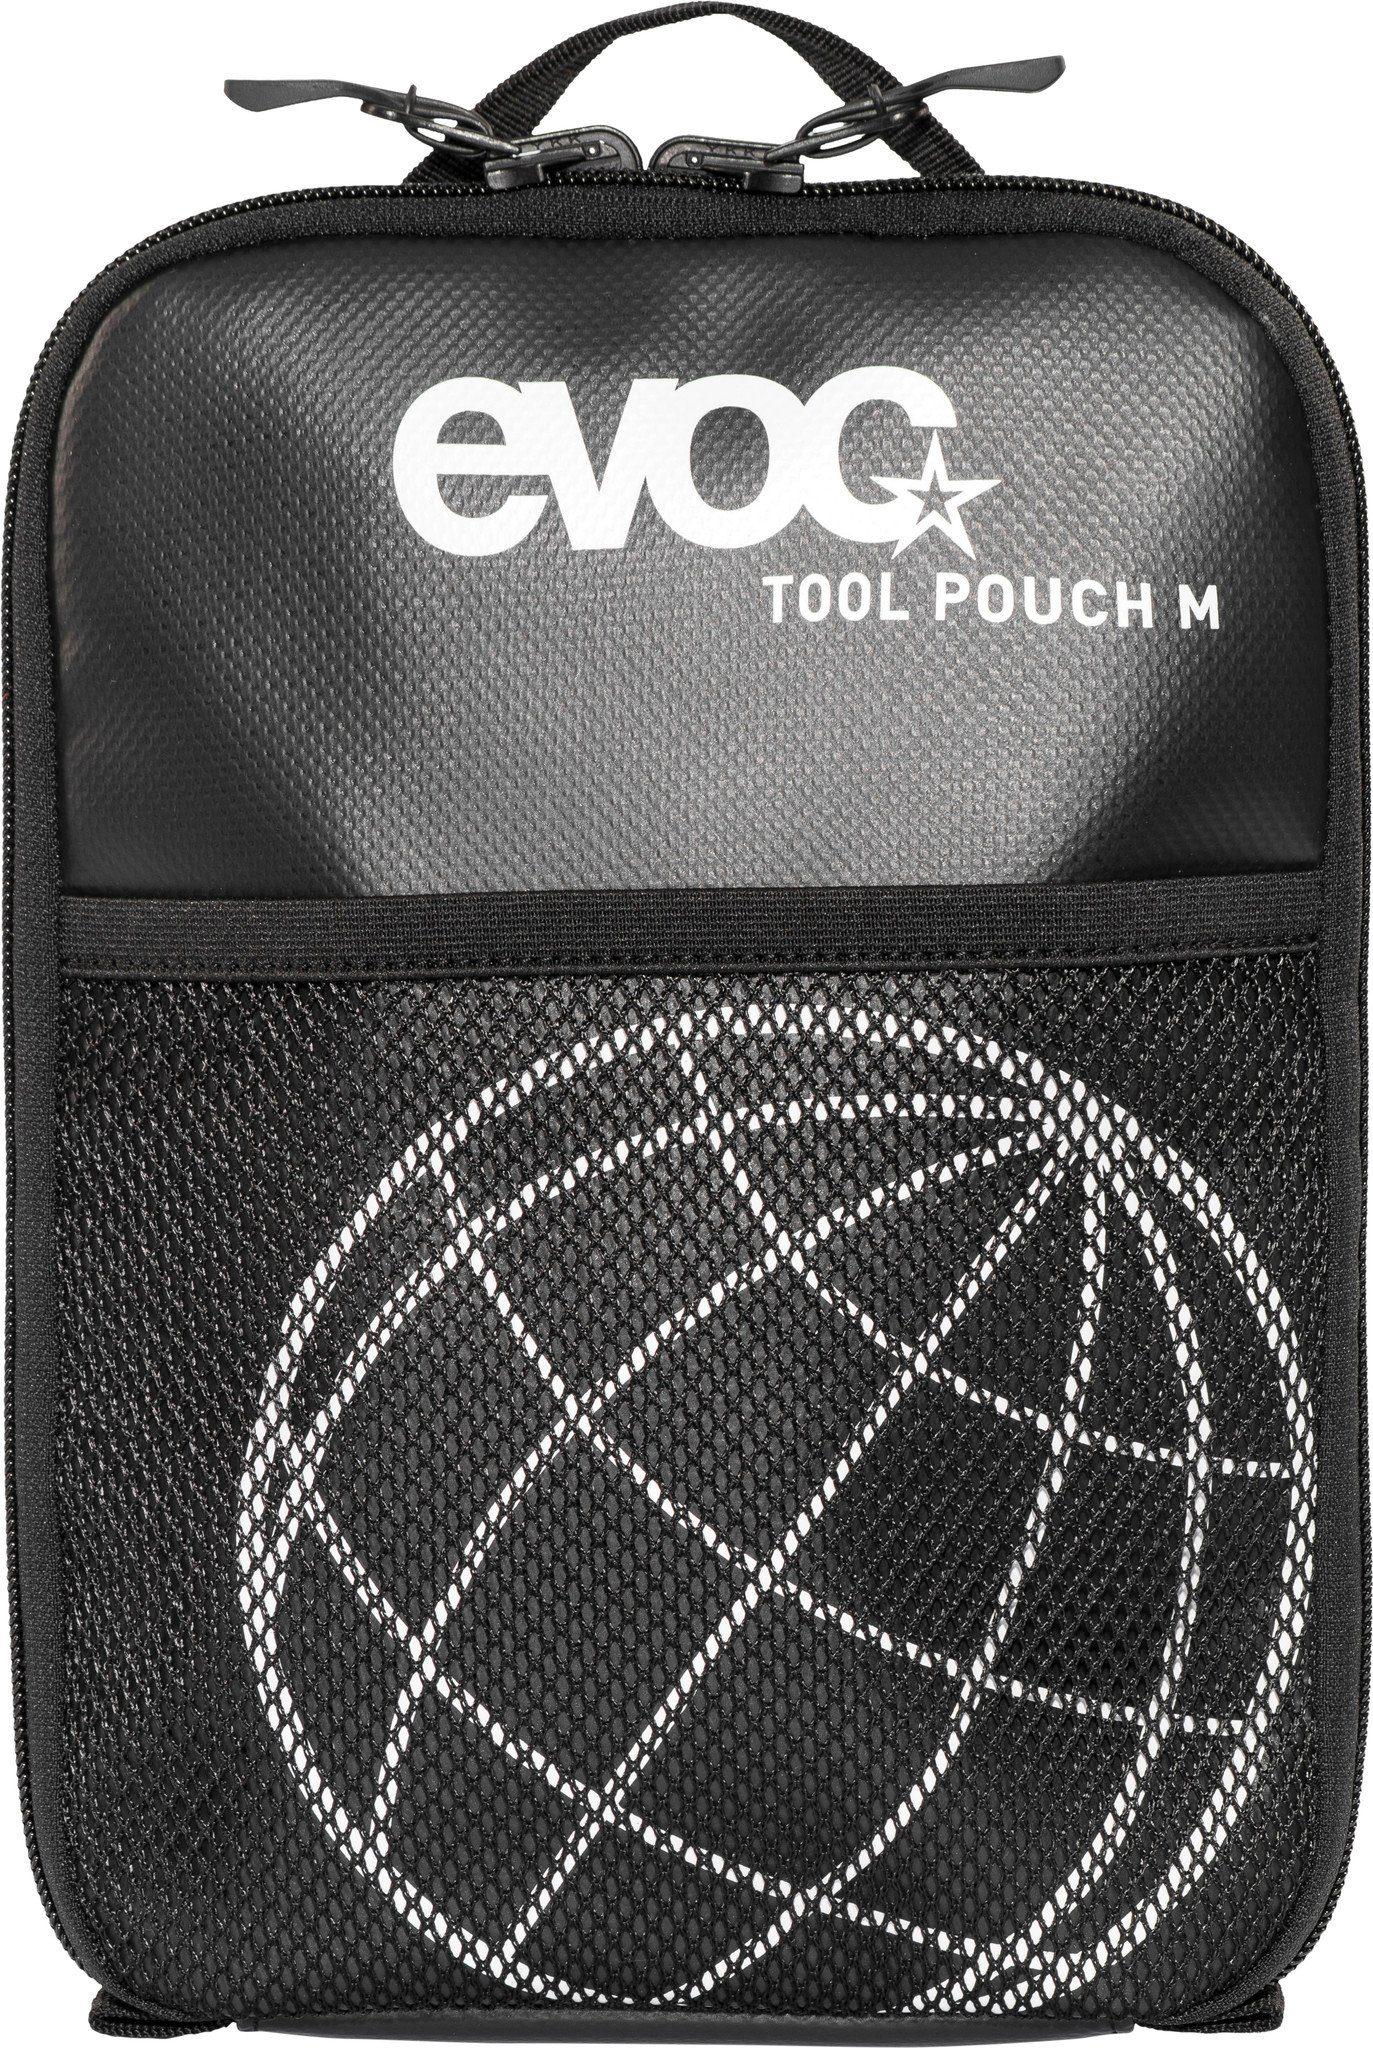 EVOC Fahrradtasche »Evoc Tool Pouch M«